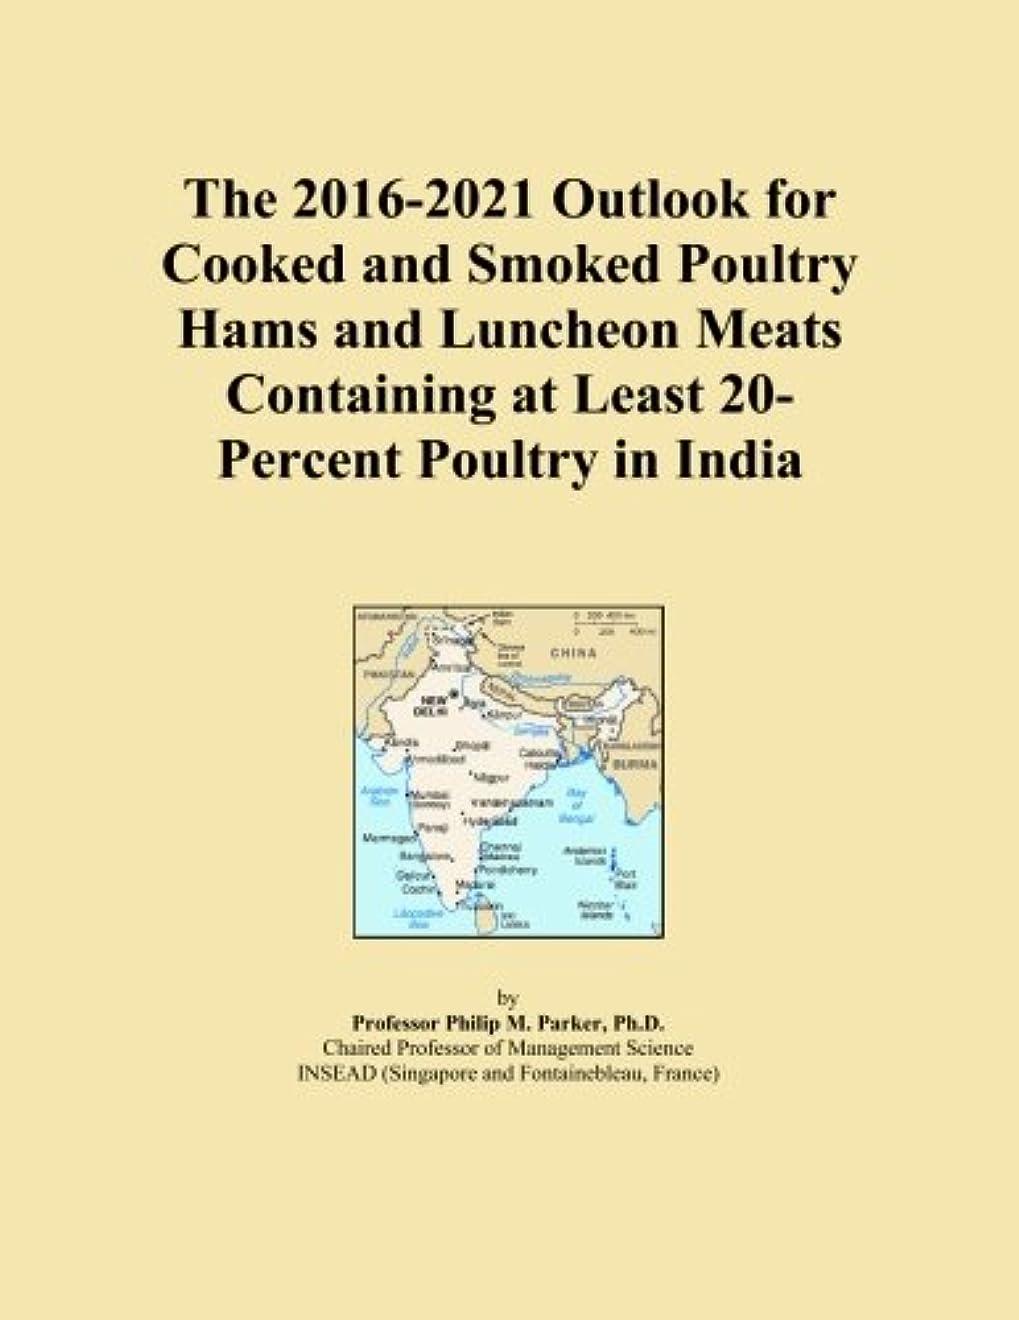 パウダー練る隣接するThe 2016-2021 Outlook for Cooked and Smoked Poultry Hams and Luncheon Meats Containing at Least 20-Percent Poultry in India